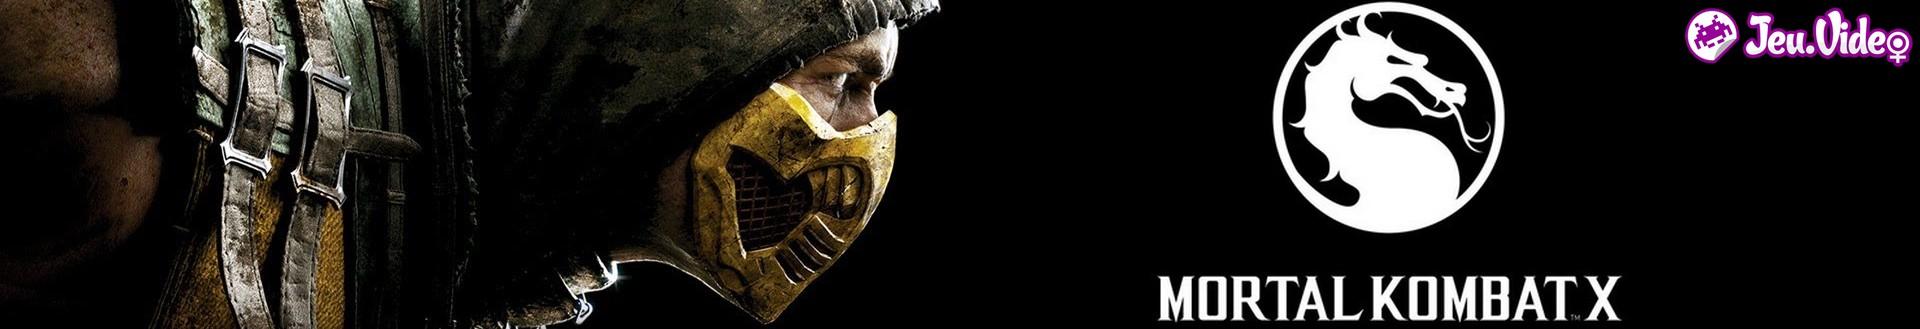 Mortal Kombat X obtenez un nouveau skin   Combat   JEUVIDEO   Forum 1920x329